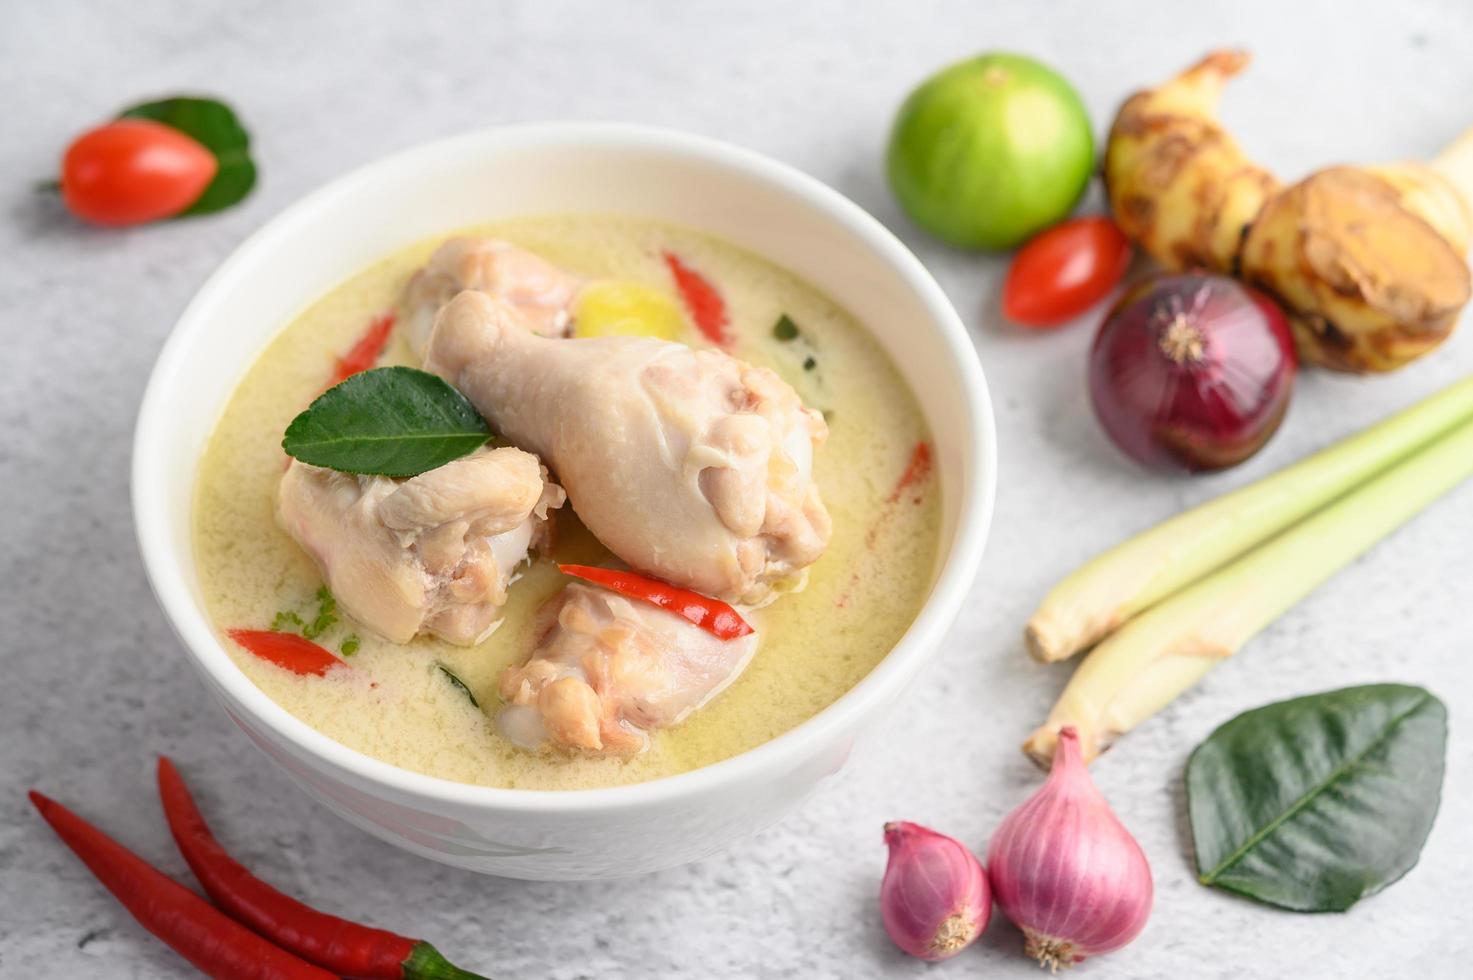 tom kha kai, thaise kokossoep foto